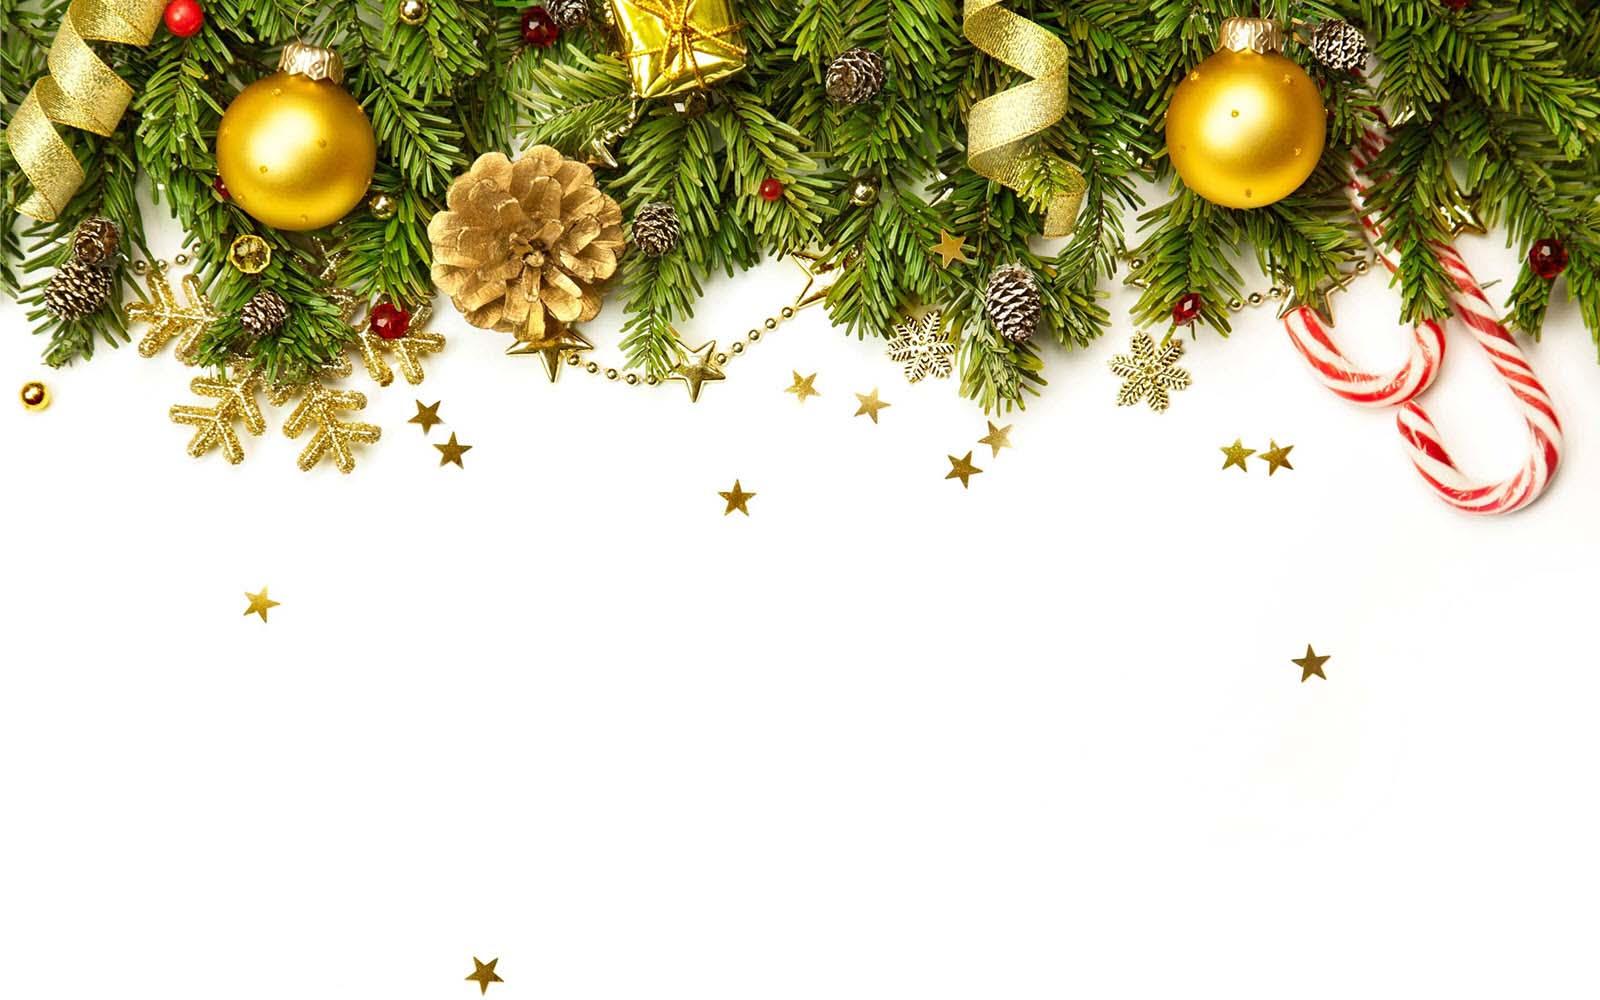 Thiệp chúc giáng sinh hay